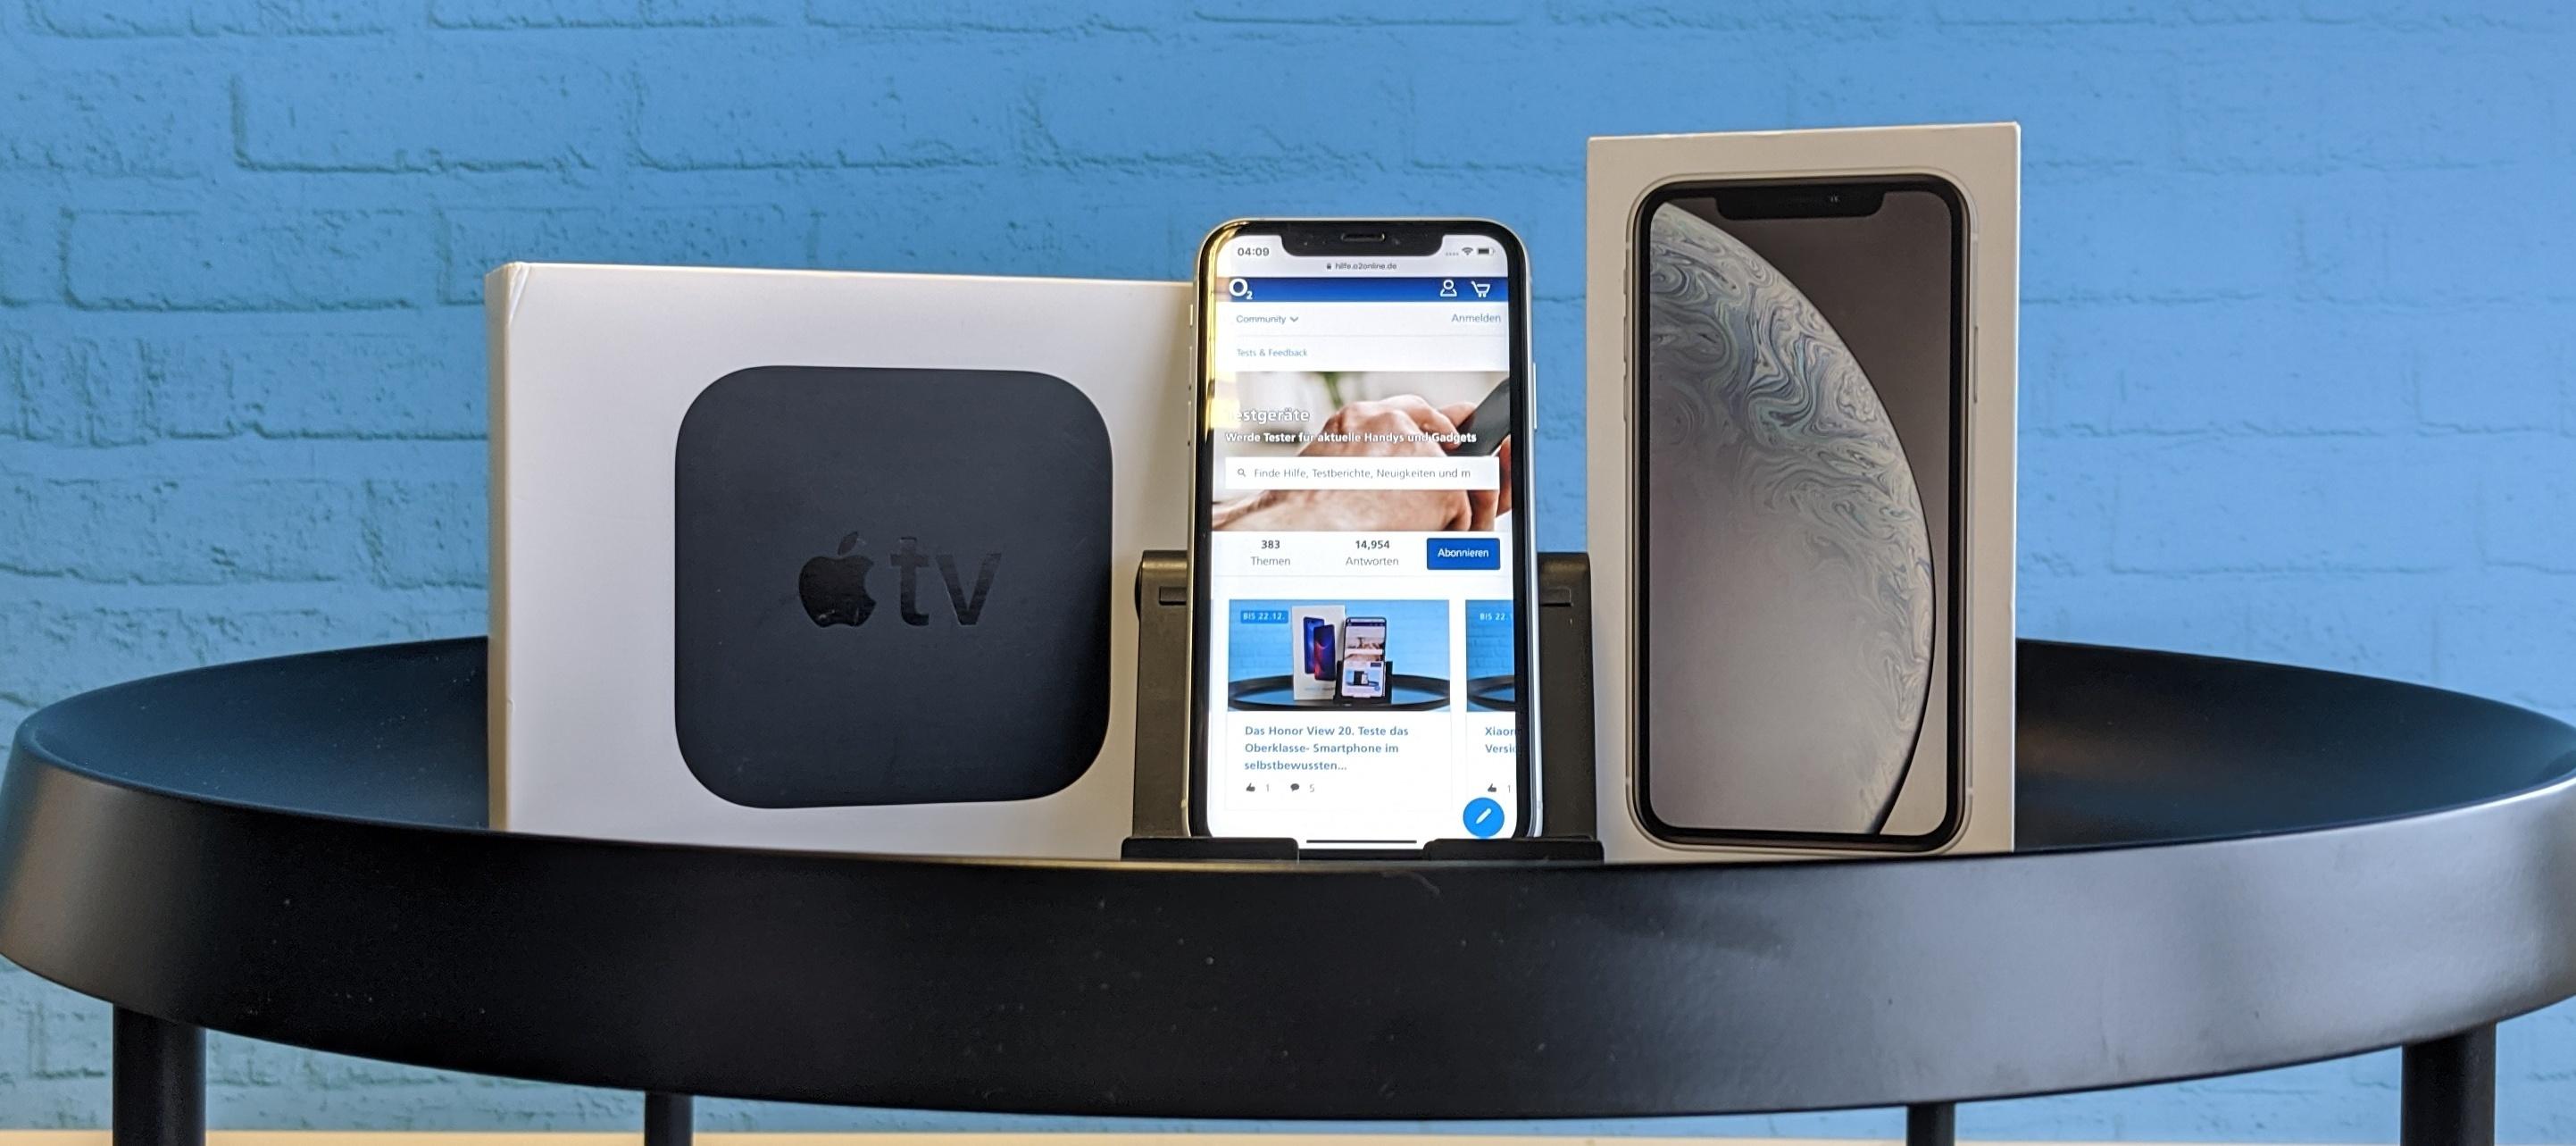 iPhone XR + Apple TV im Test-Bundle: Hol dir die Blockbuster in HD auf die Couch! Bewirb dich jetzt!